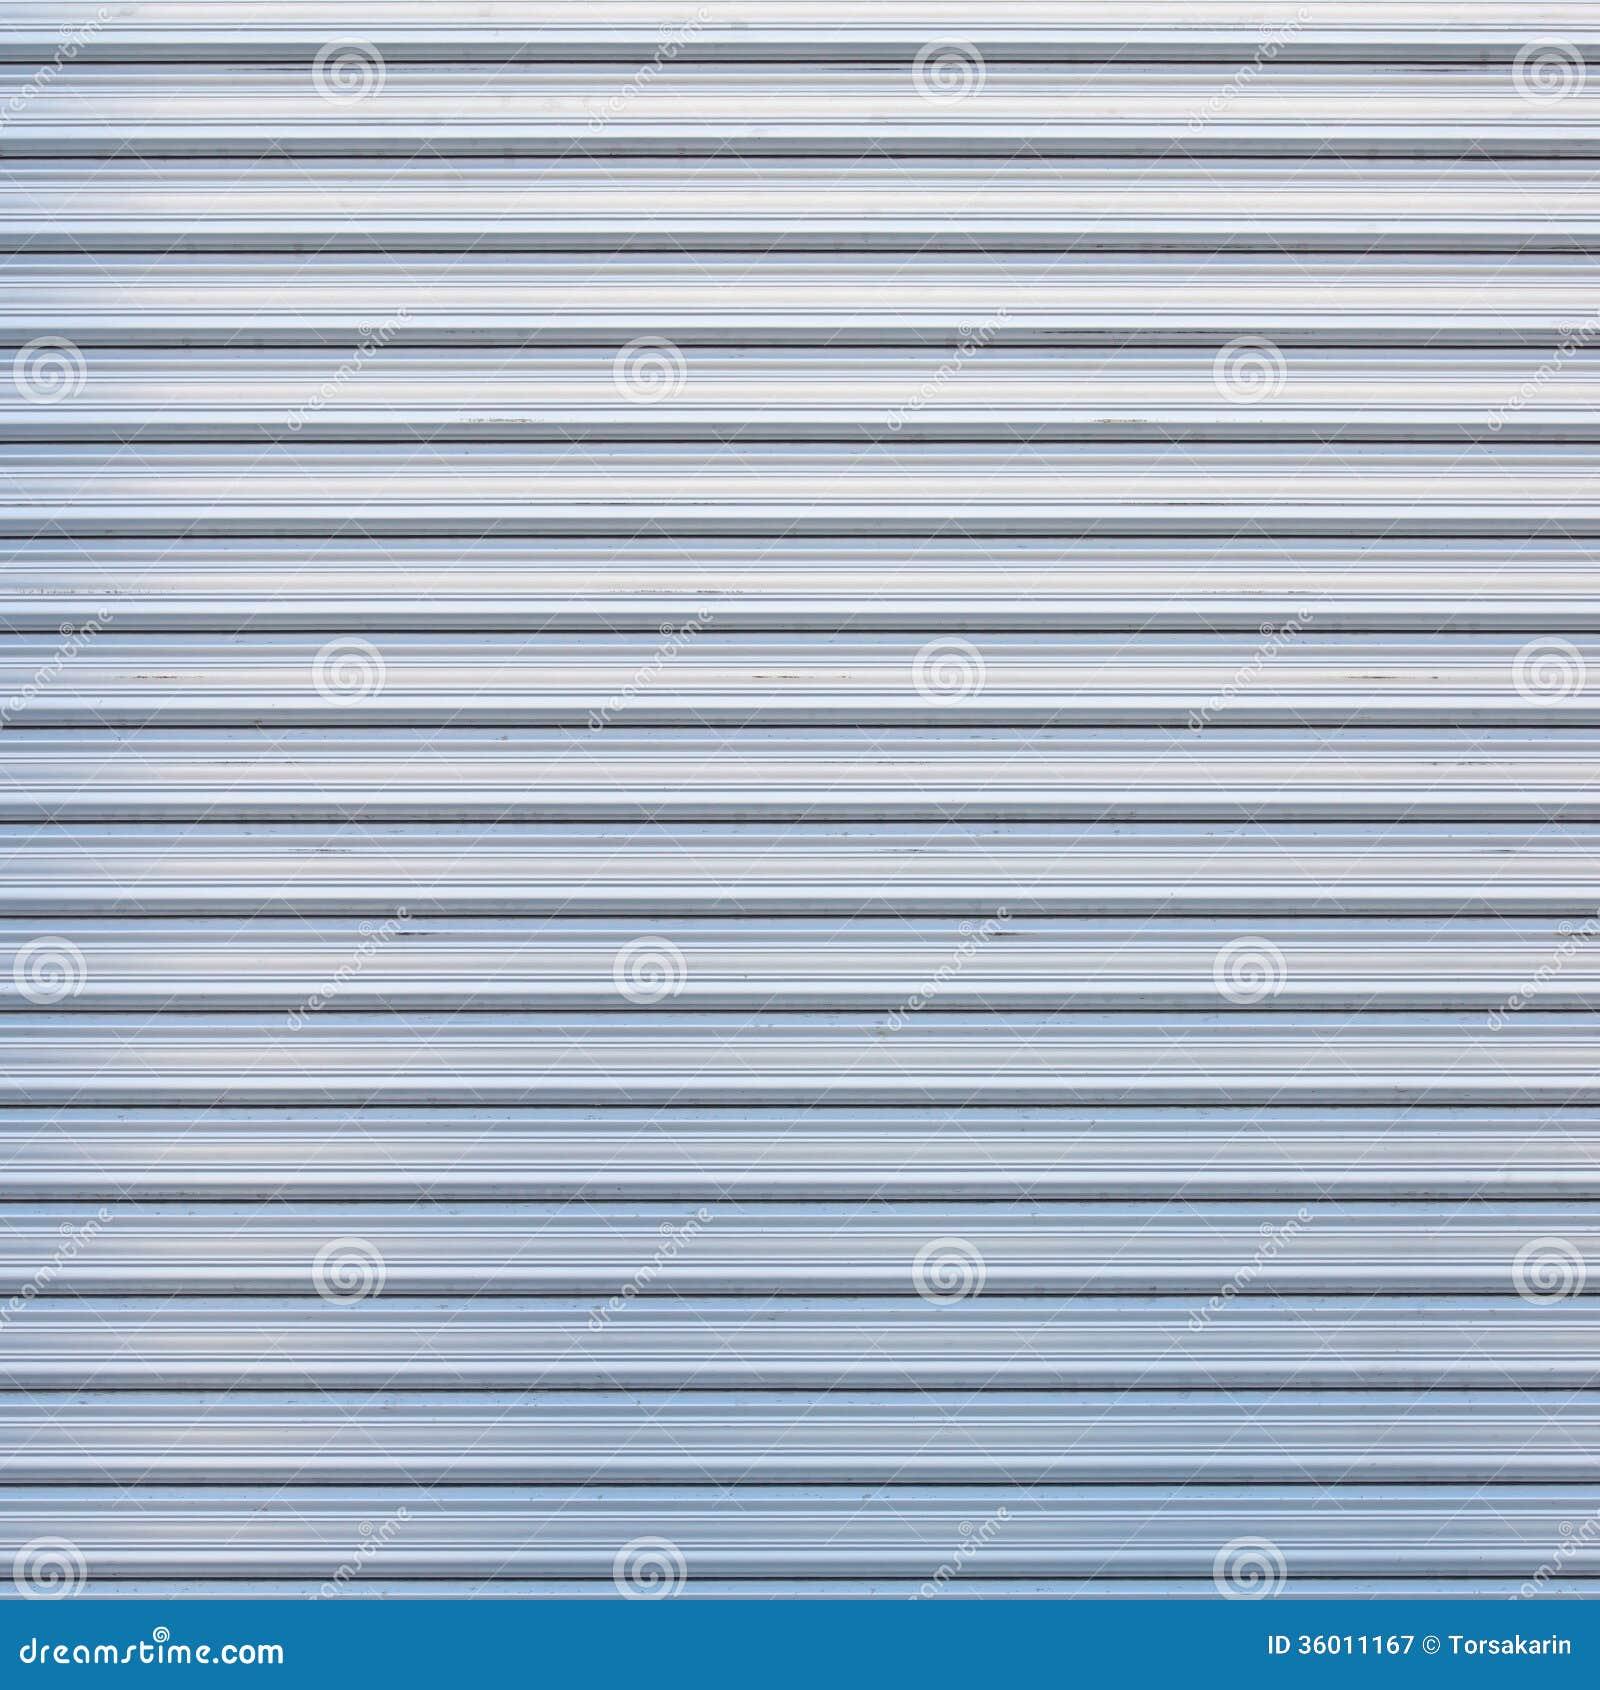 door illuminated metallic roller shutter ...